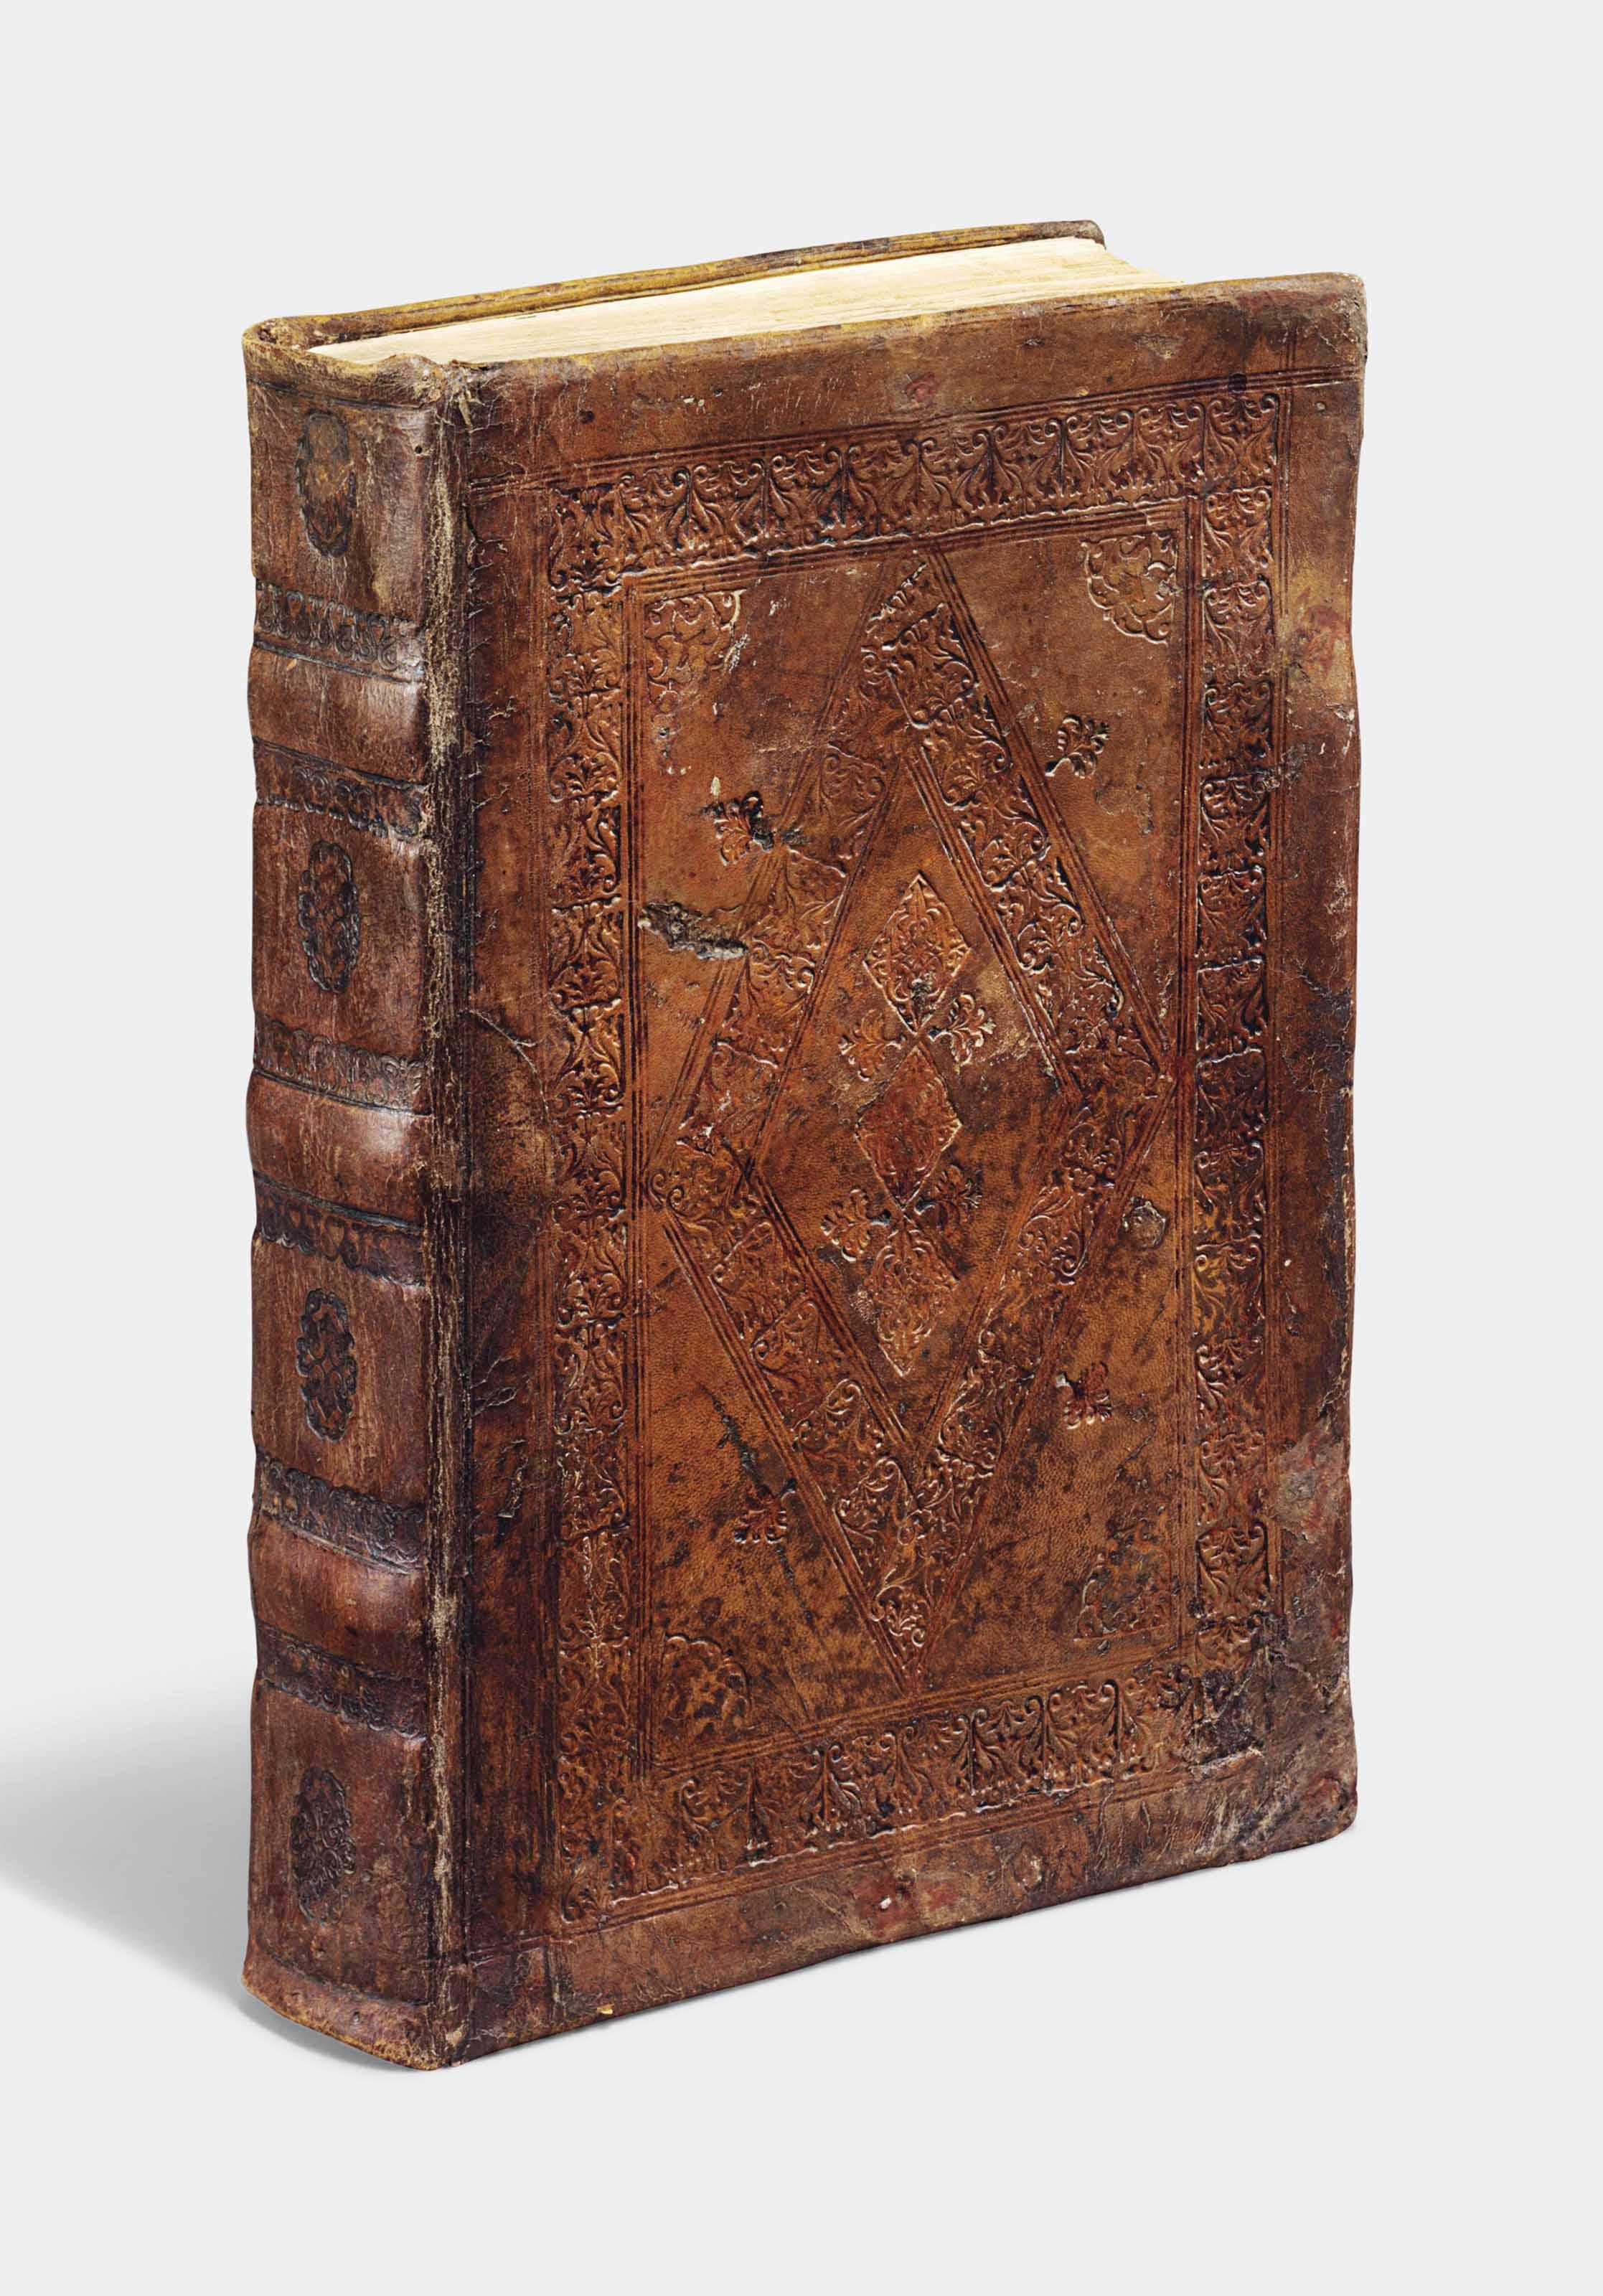 ARISTOTLE (384-322 B.C.). De natura animalium. –De partibus animalium, and other texts. Translated by Theodorus Gaza (c.1400-1475). Venice: Aldus Manutius, February 1513.